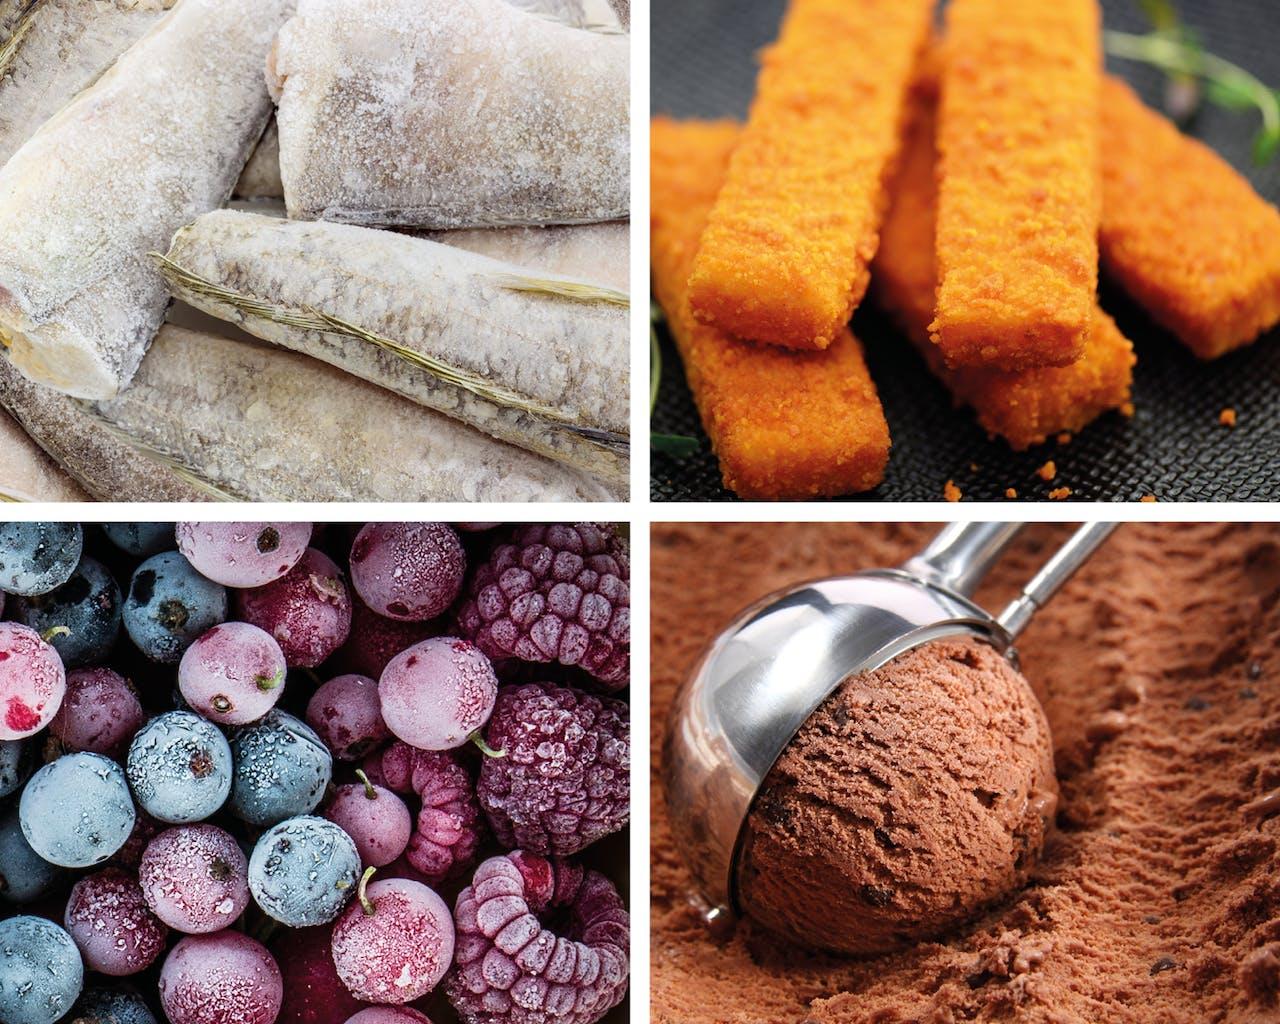 Fischstäbchen, Schokoeis, gefrorene Früchte und Fisch